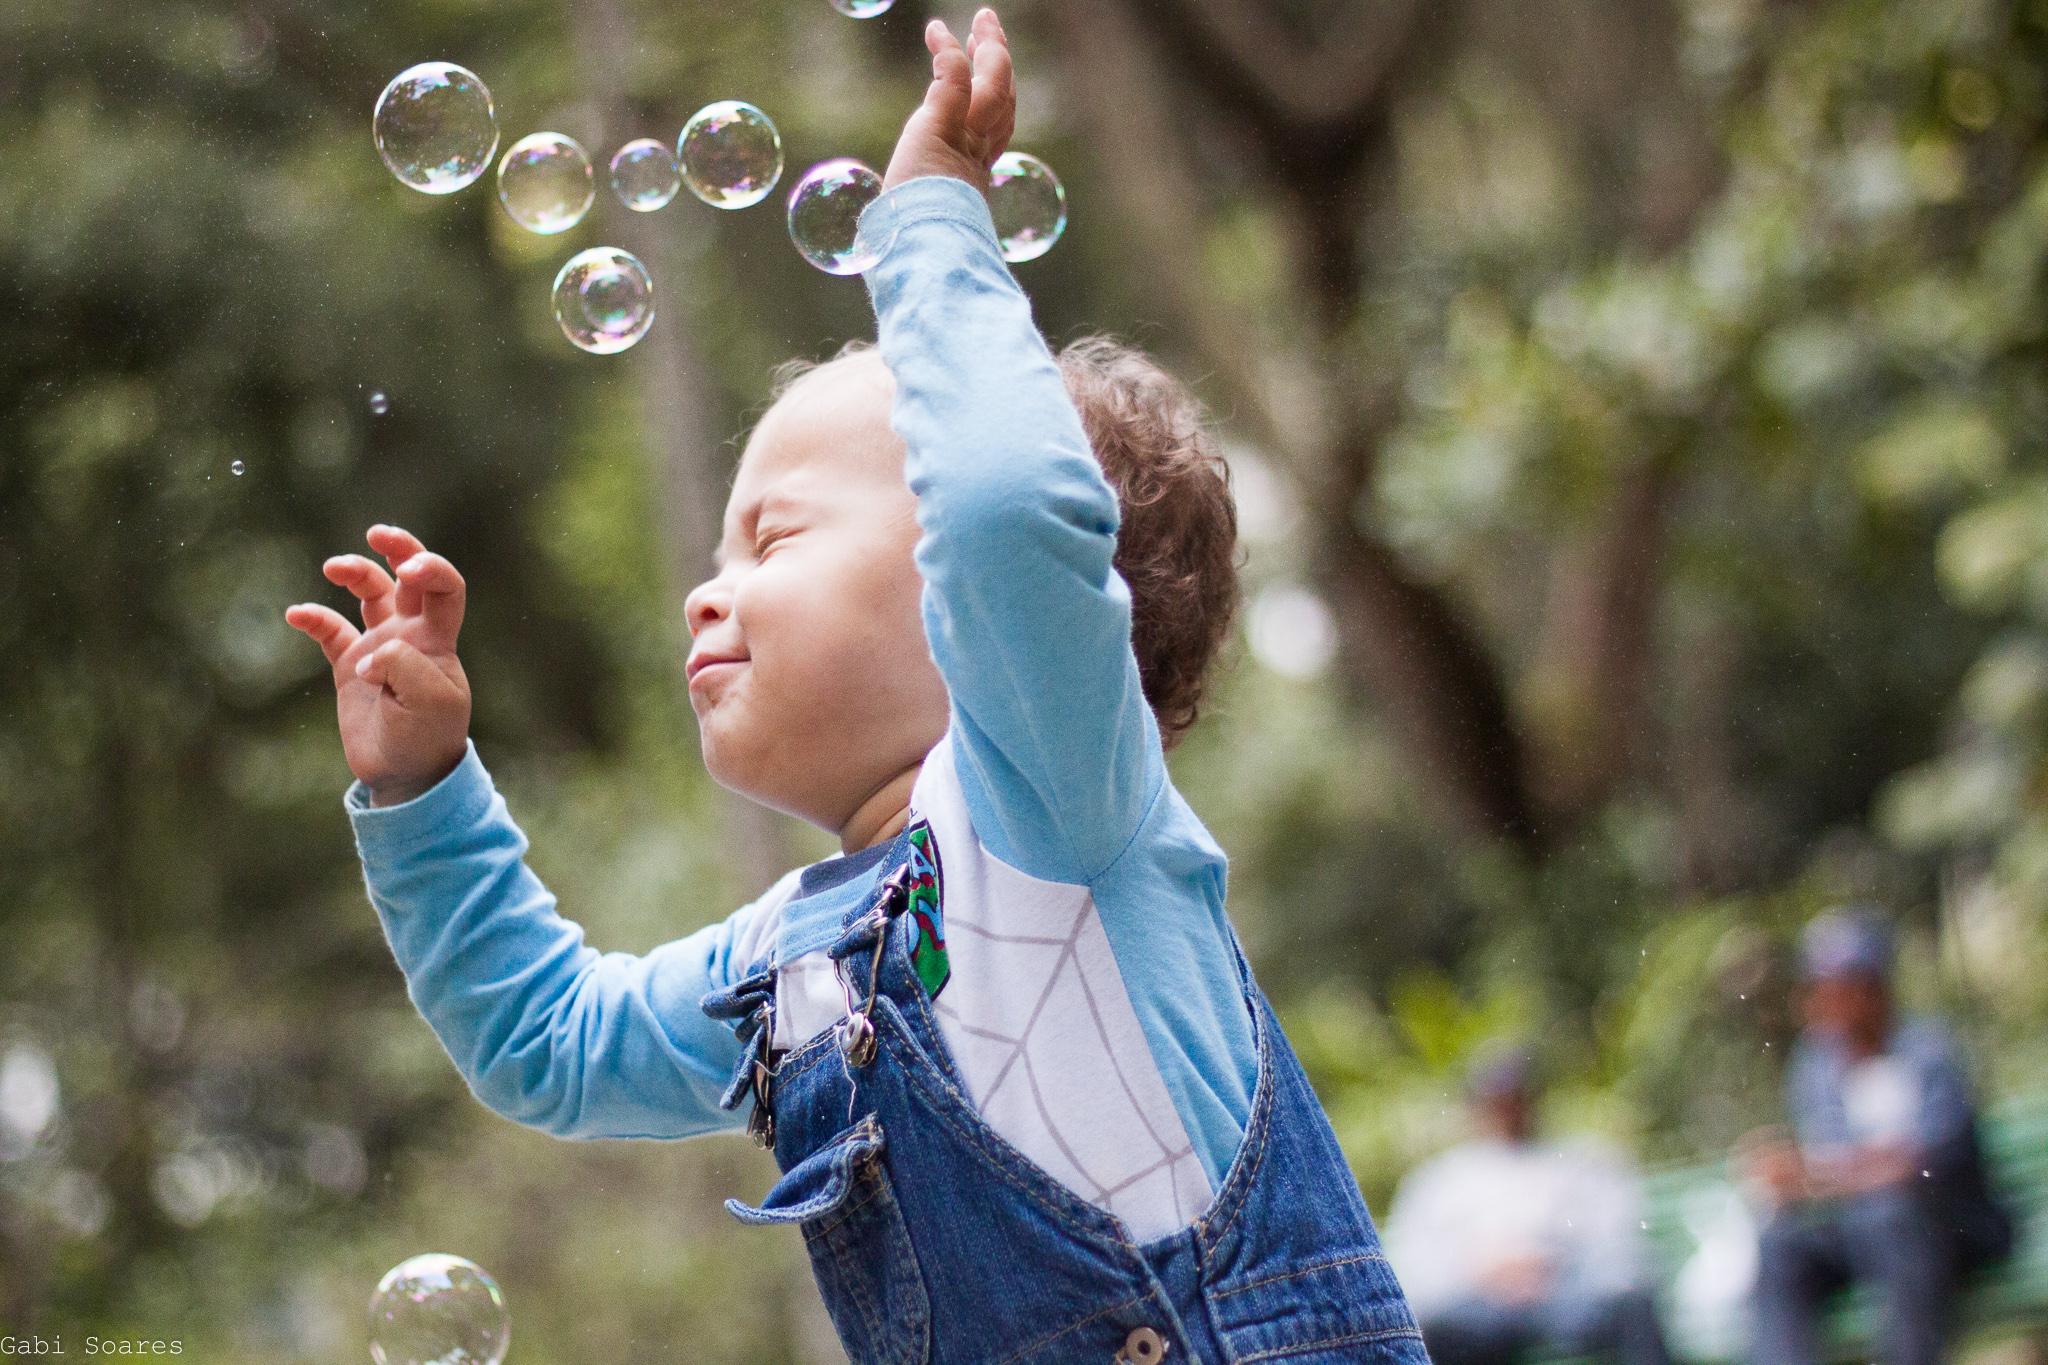 Ensaio fotografico infantil, campo de são bento, niteroi, riode janeiro